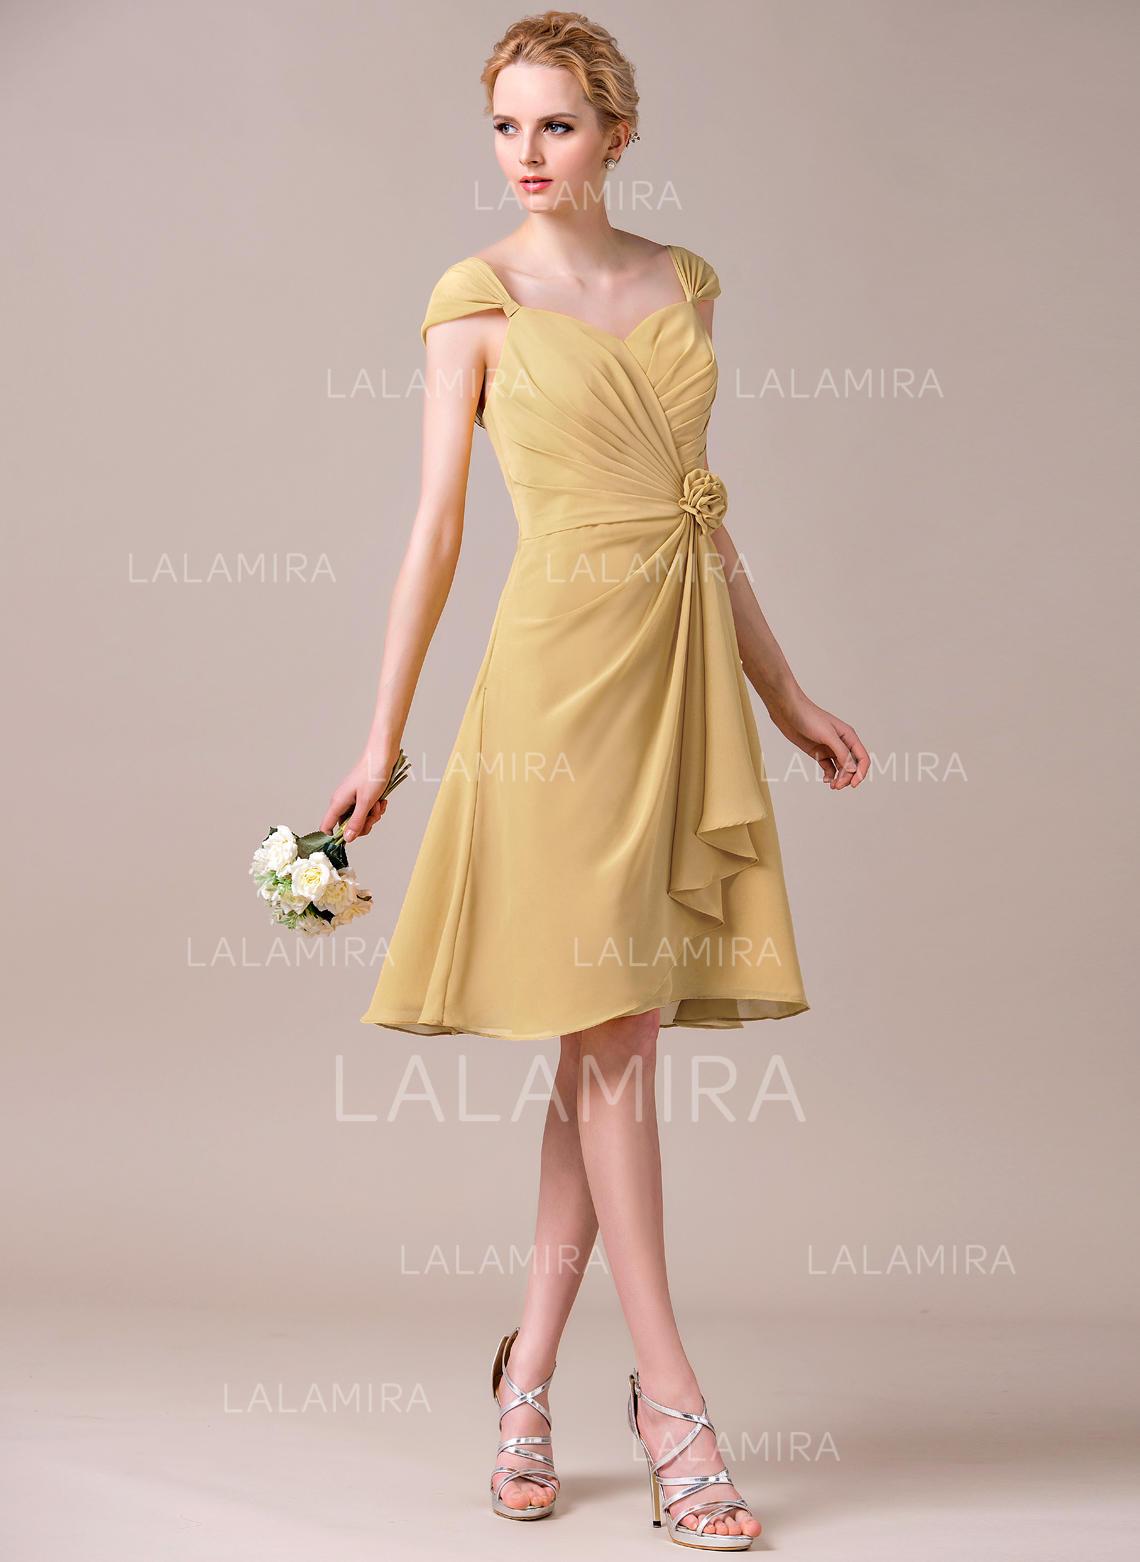 9fac1857f25 Forme Princesse Mousseline Robes demoiselle d honneur Fleur(s) Robe à  volants Amoureux. Loading zoom